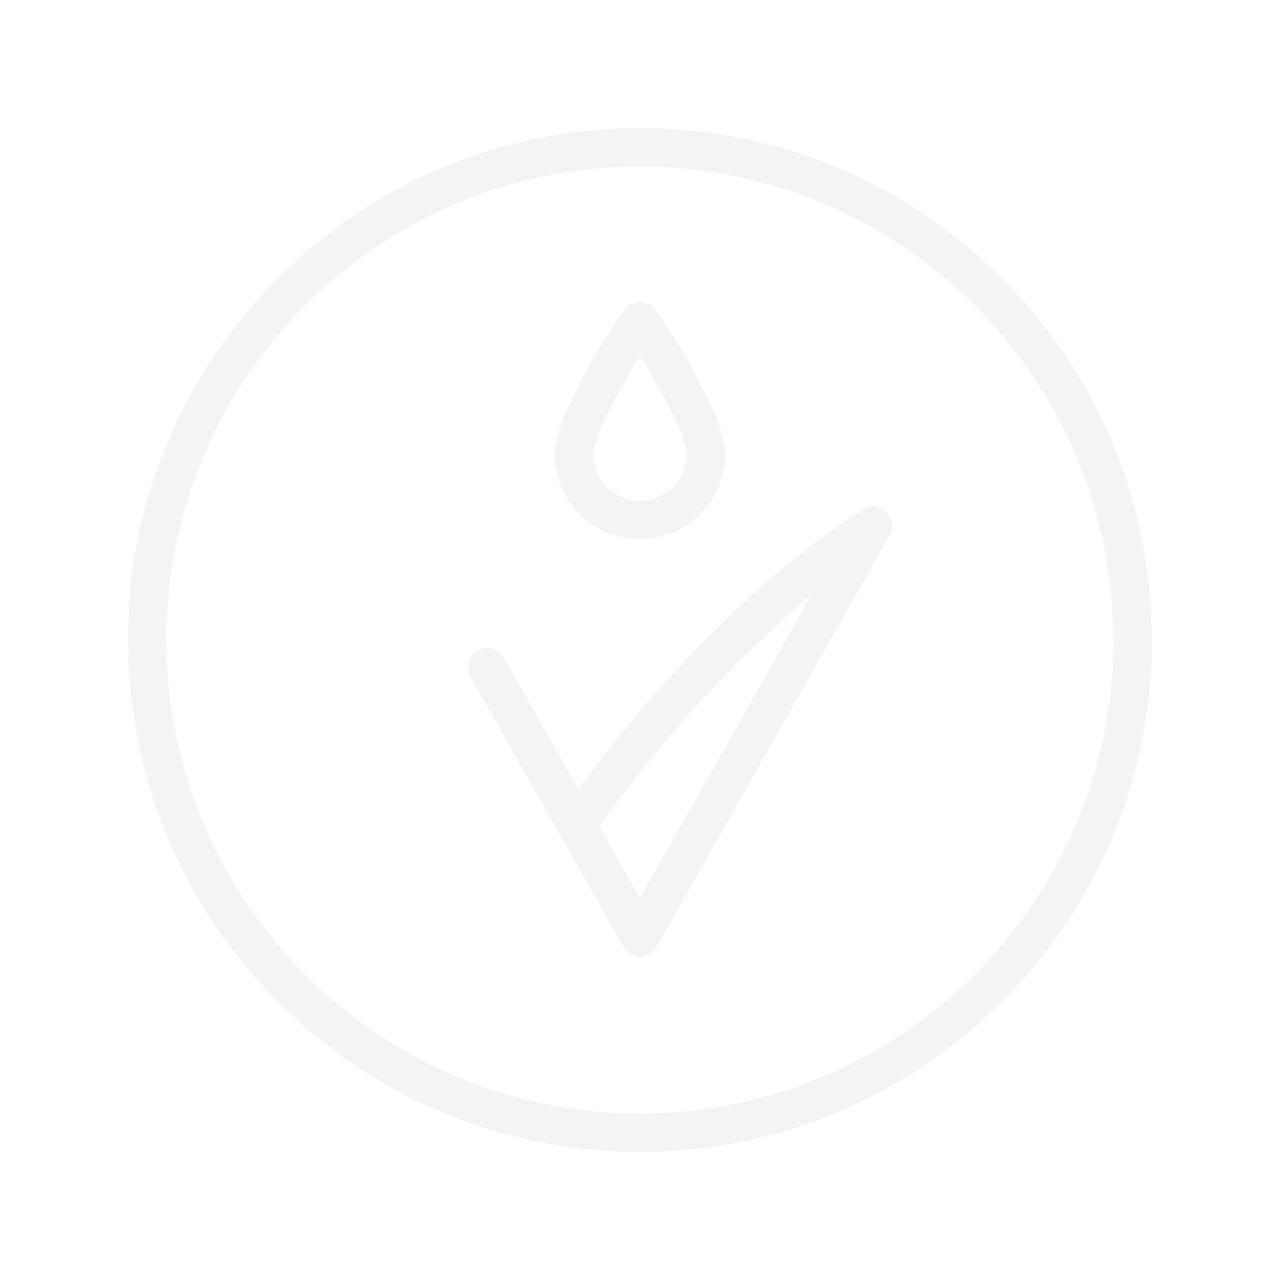 SAMPURE MINERALS 5-Piece Pale Starter Gift Set